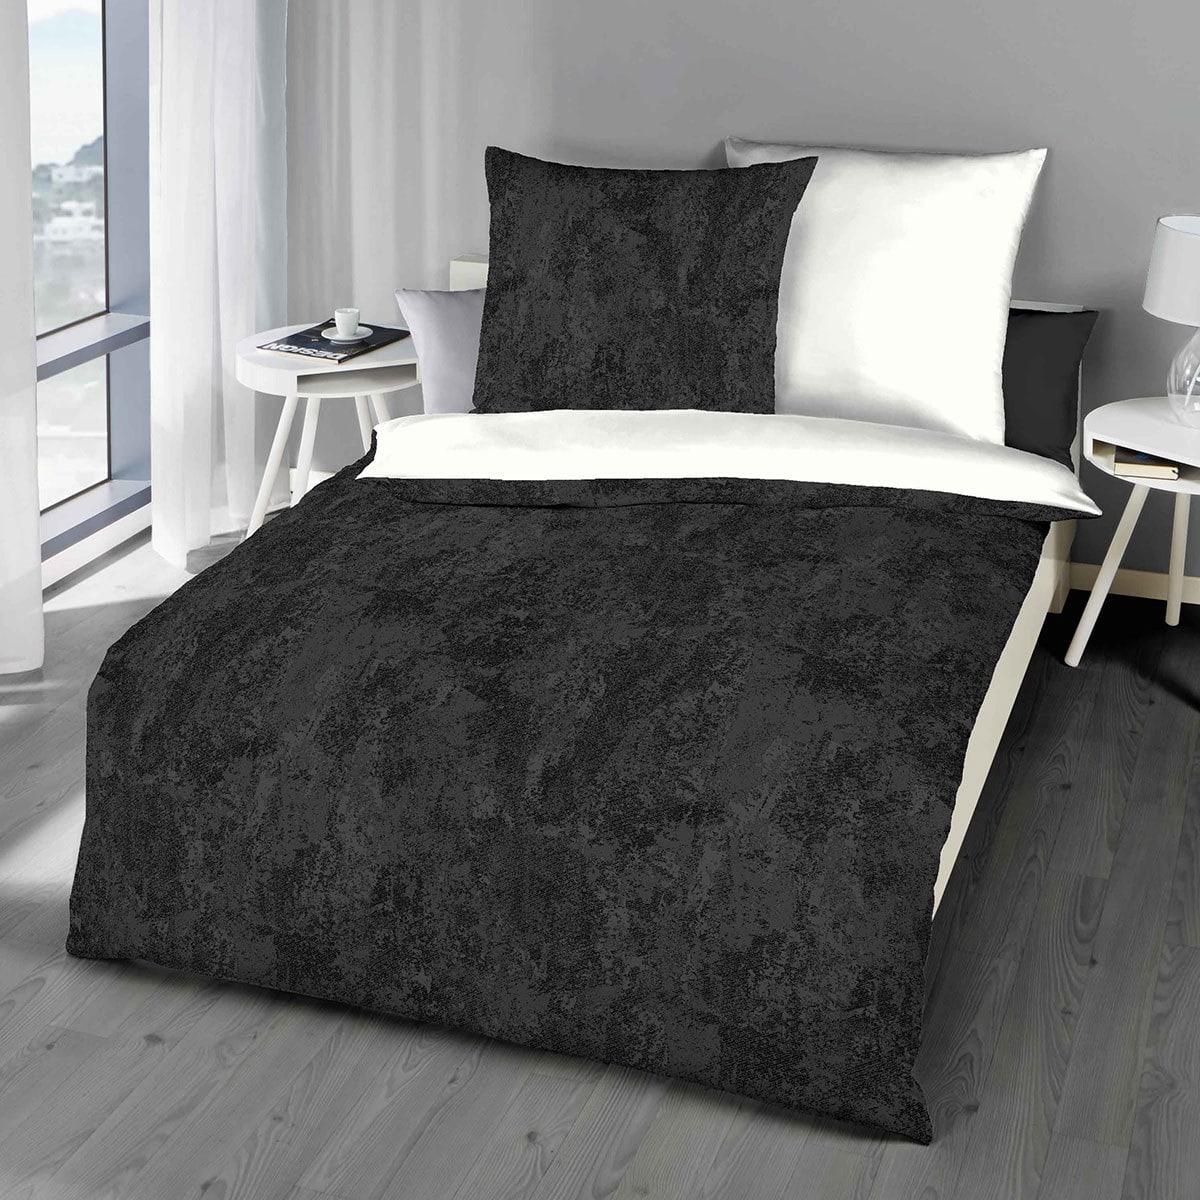 traumschlaf biber wendebettw sche texture schwarz g nstig online kaufen bei bettwaren shop. Black Bedroom Furniture Sets. Home Design Ideas